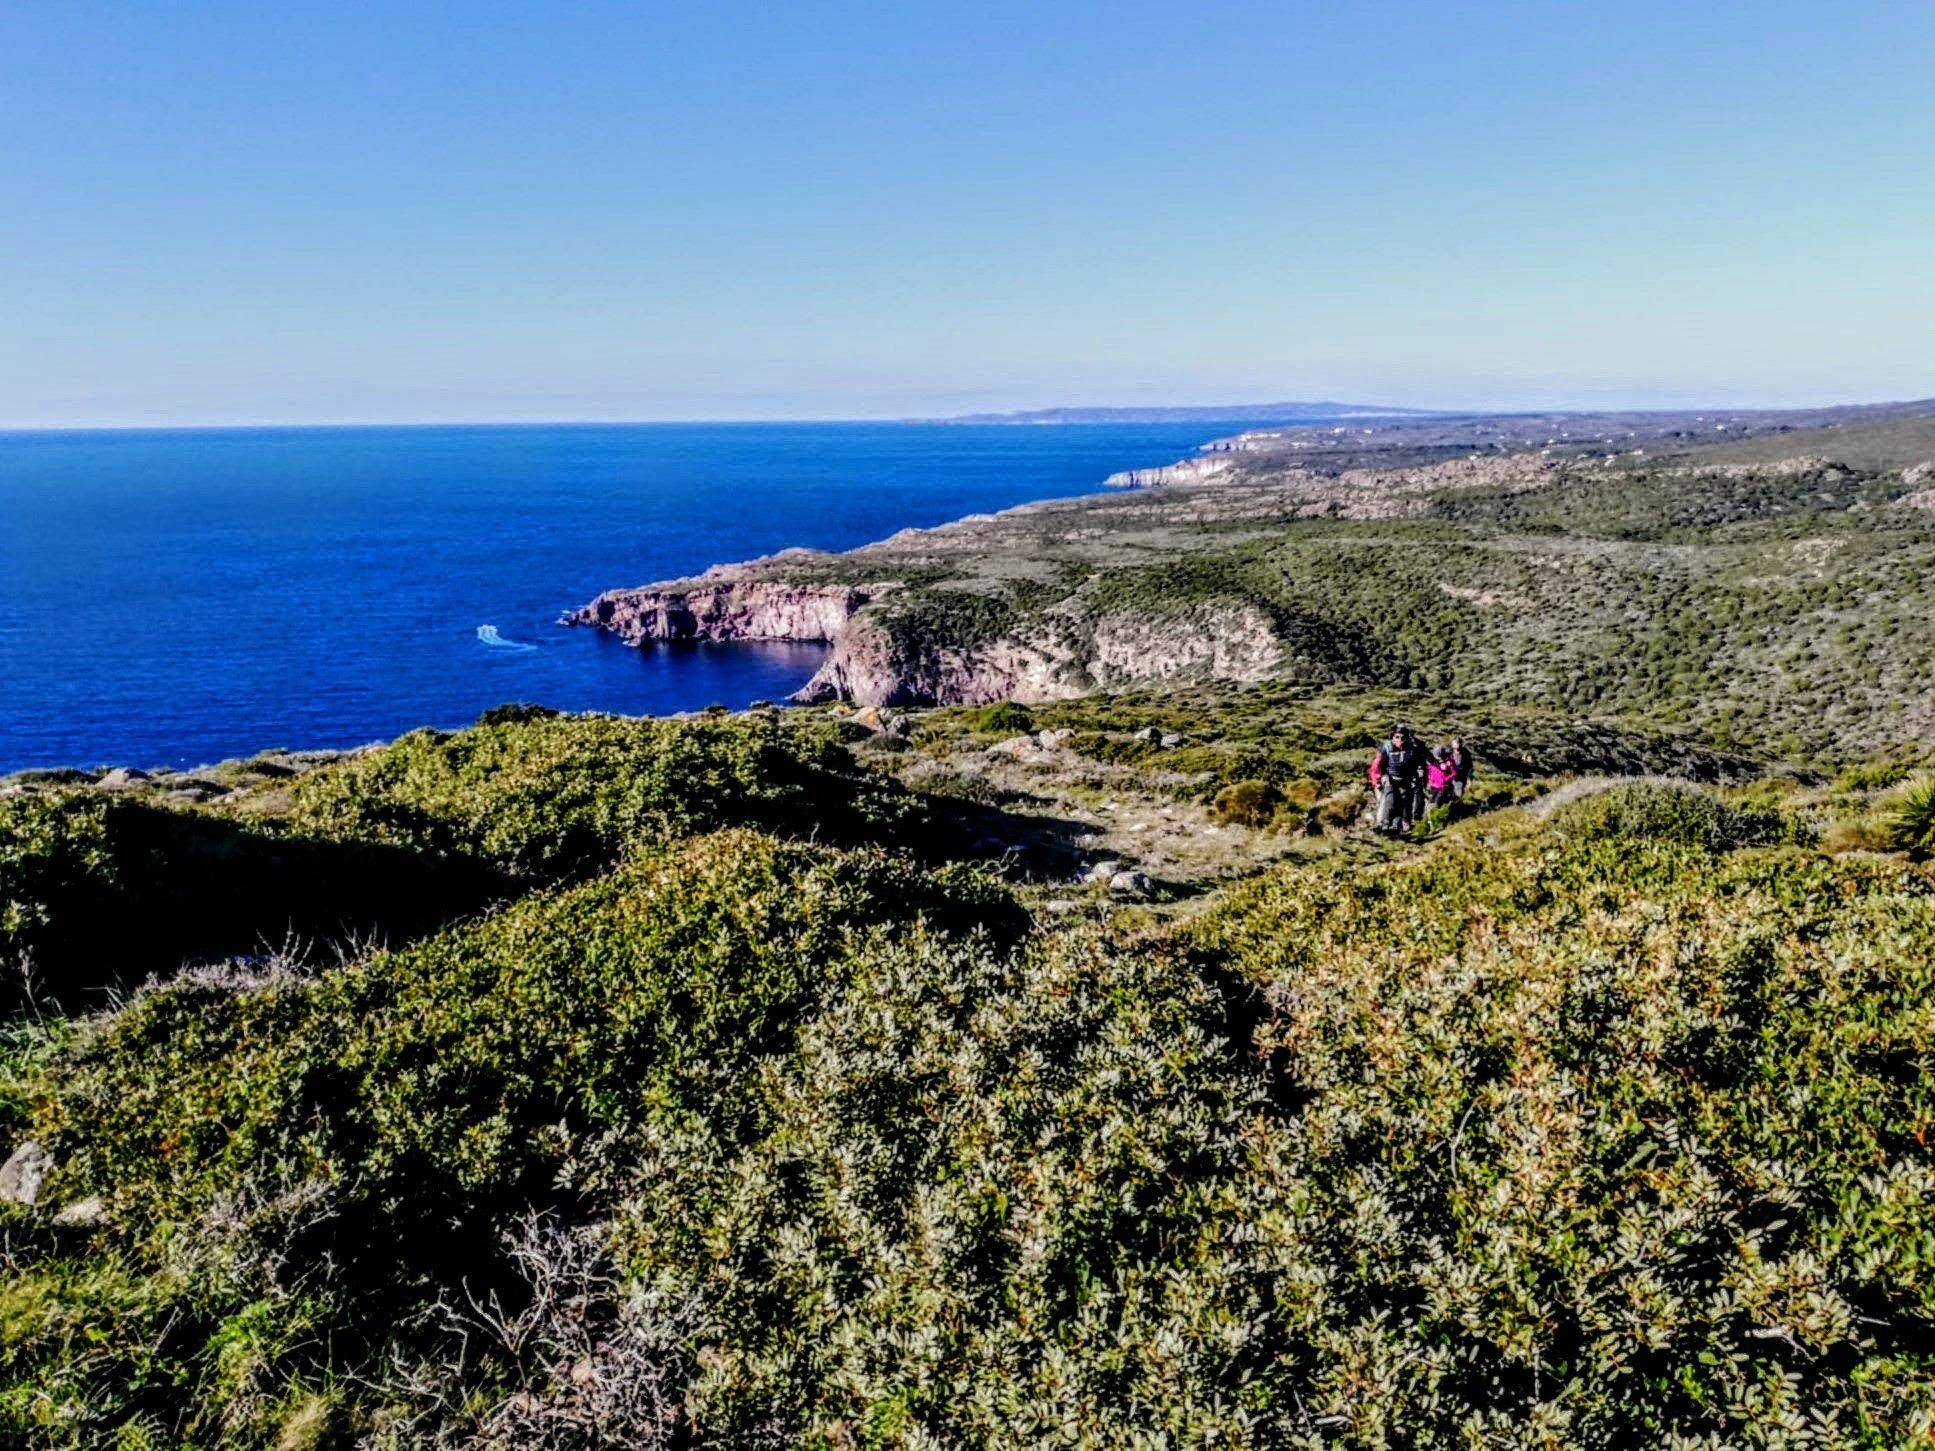 trekking-delle-isole-del-sud-sardegna-in-cammino-da-porto-sciusciau-a-capo-sperone